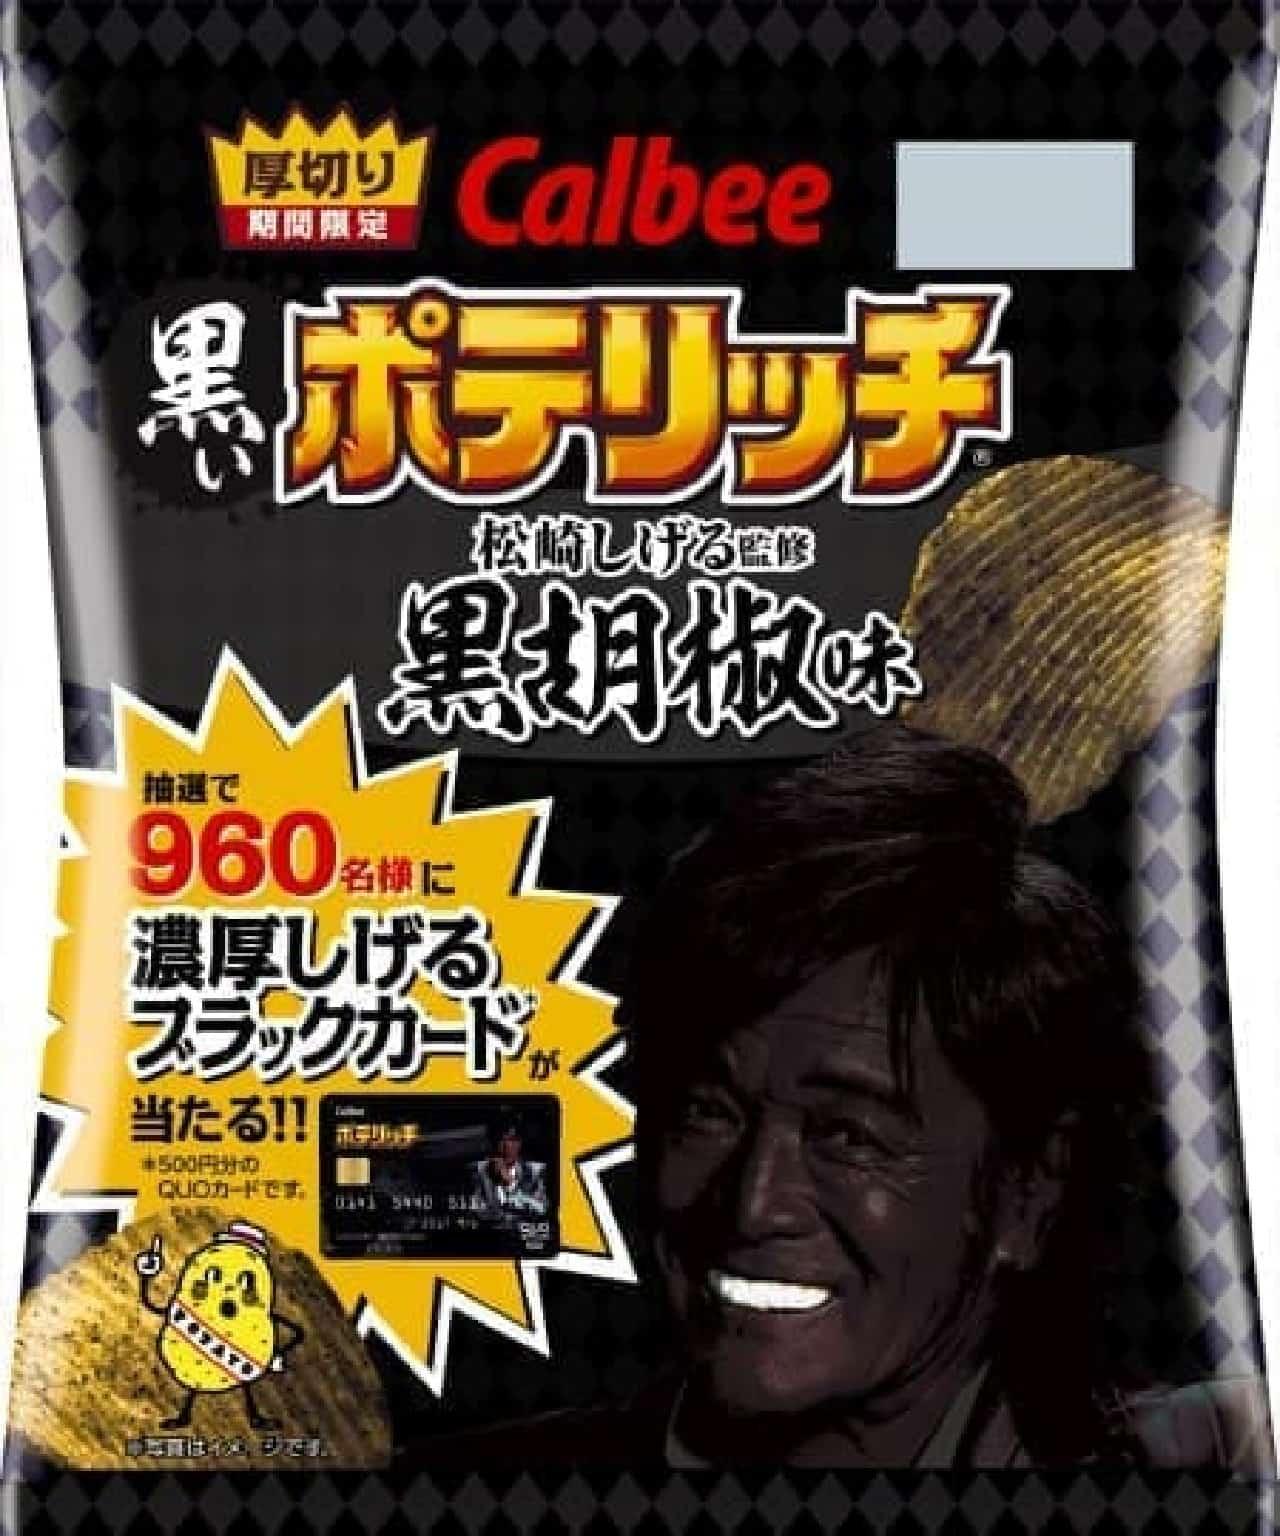 カルビー「黒いポテリッチ 黒胡椒味」--松崎しげるさんが監修